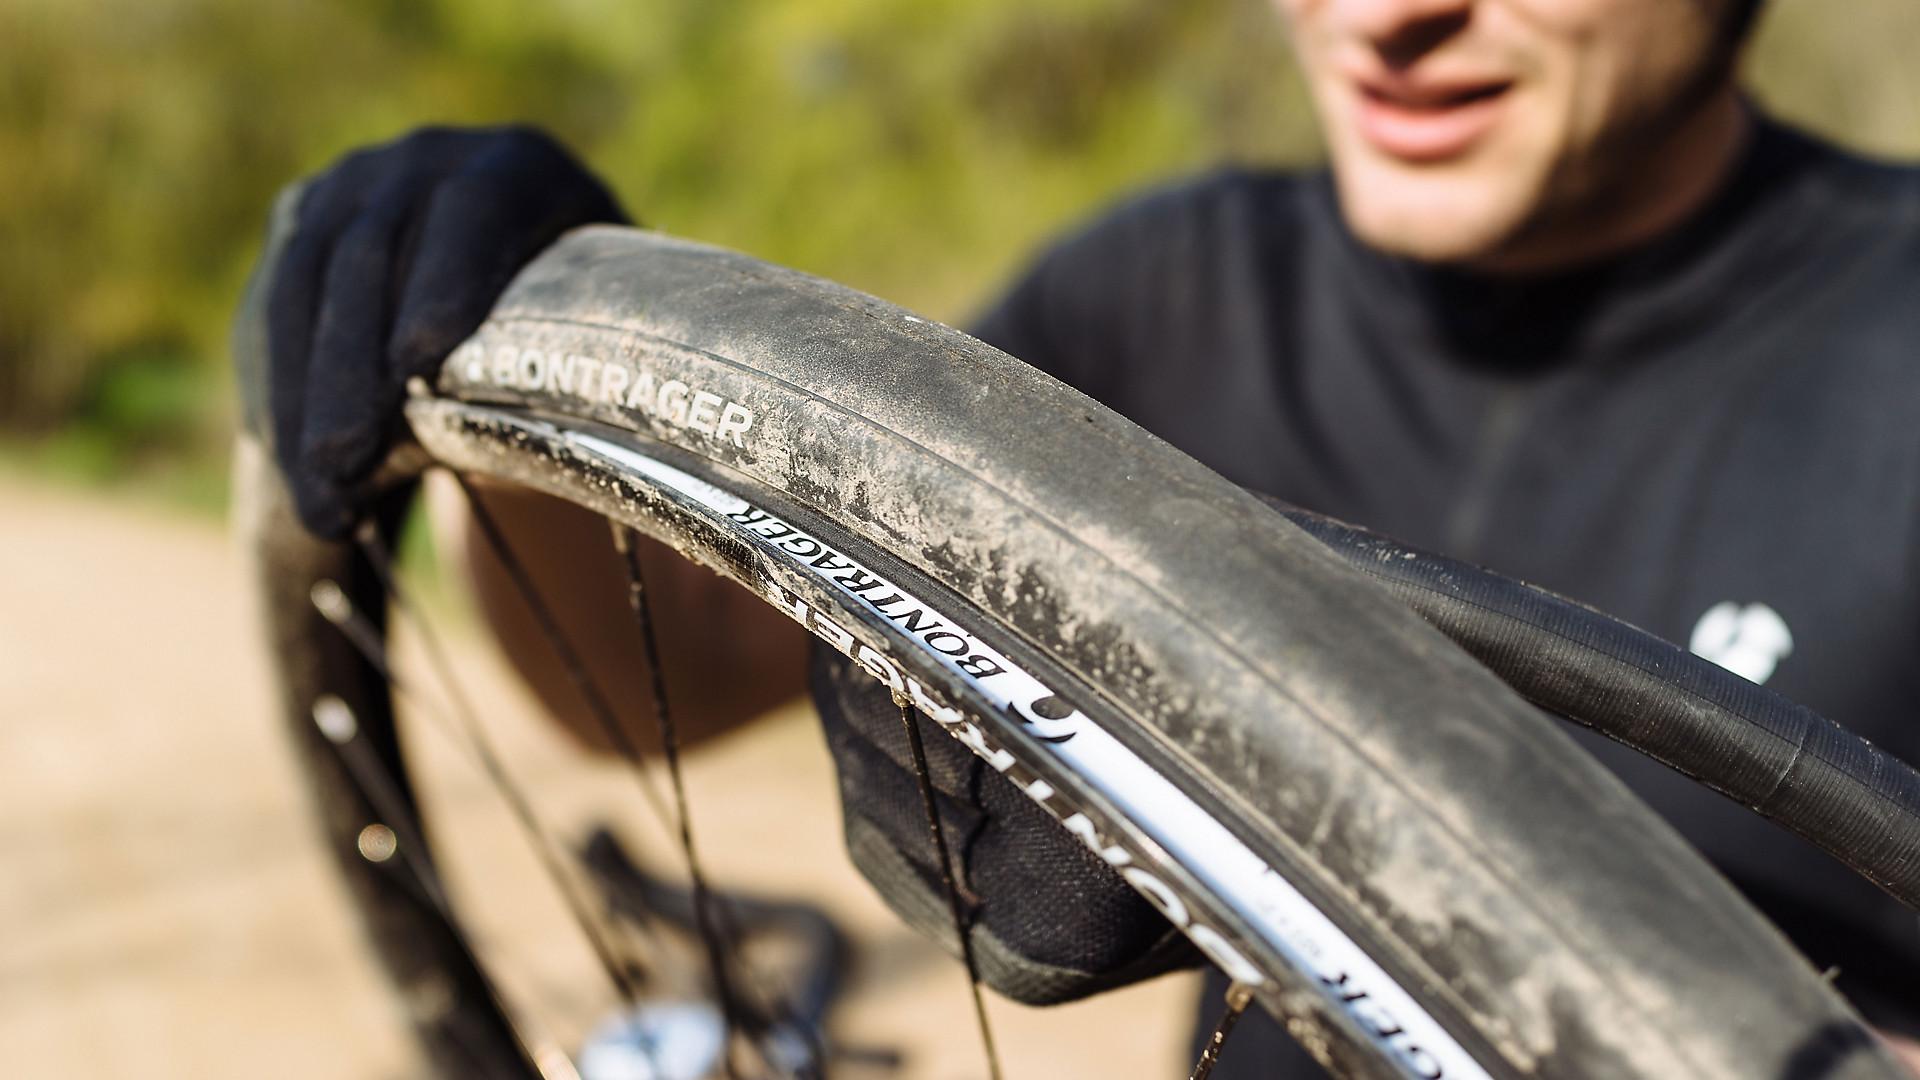 b6045b70ef8 How to fix a flat bike tire | Trek Bikes